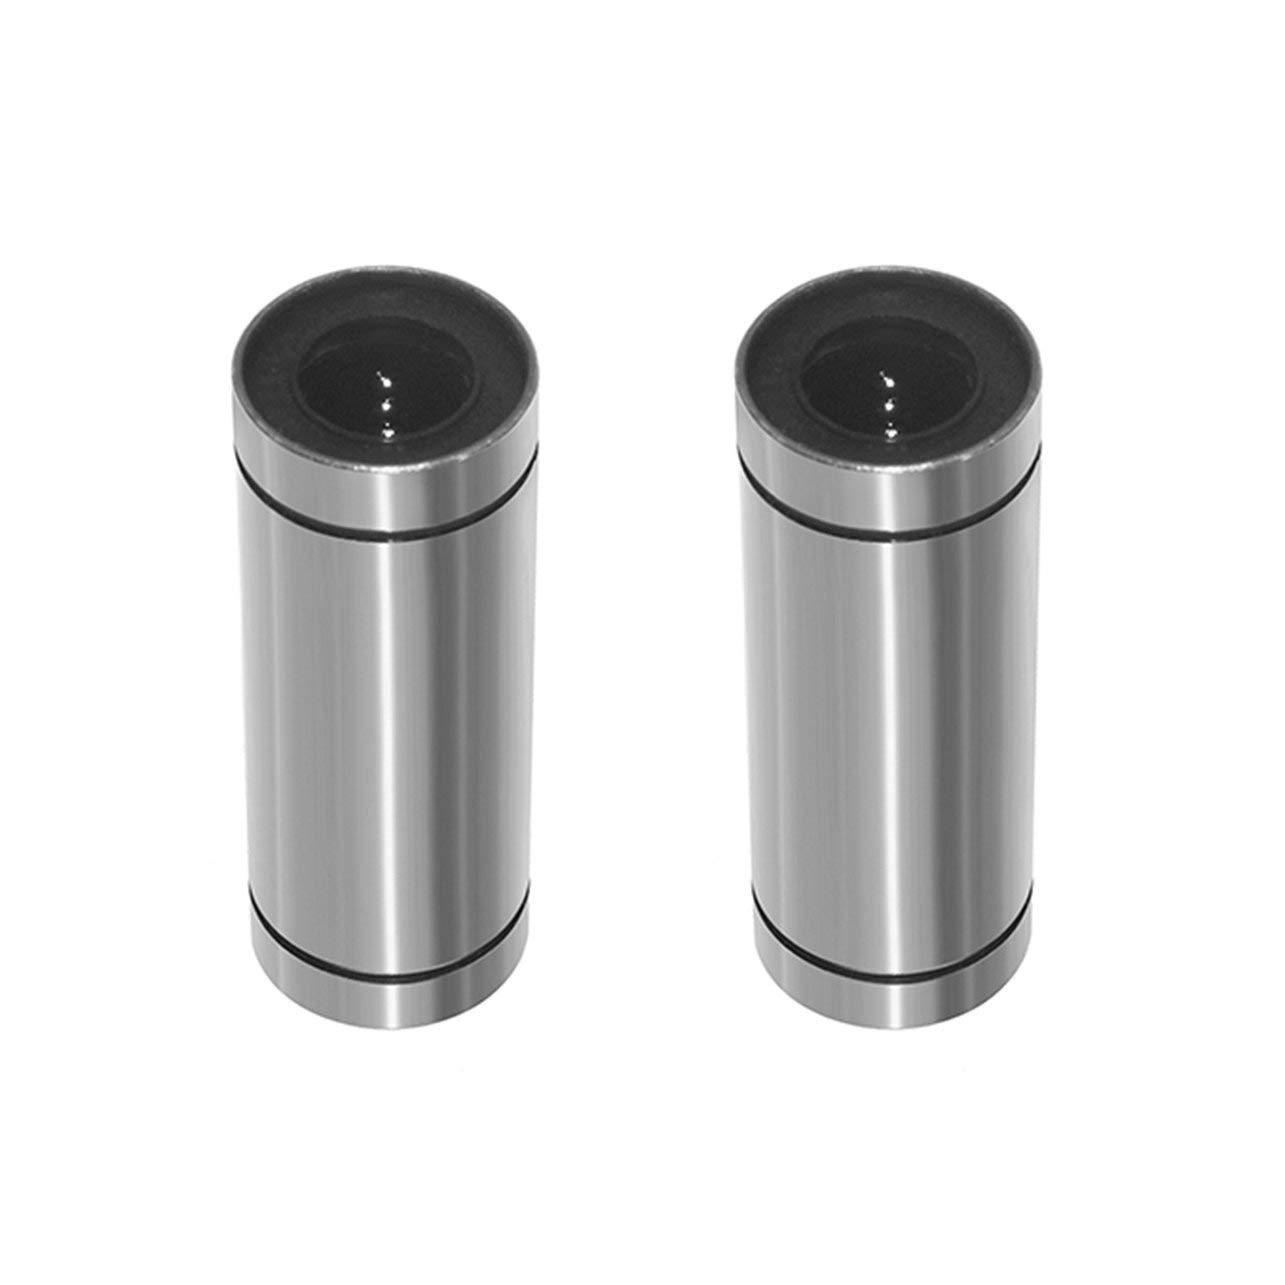 2 piezas/porción de bolas lineales LM10LUU Rodamientos Crucigrama ...